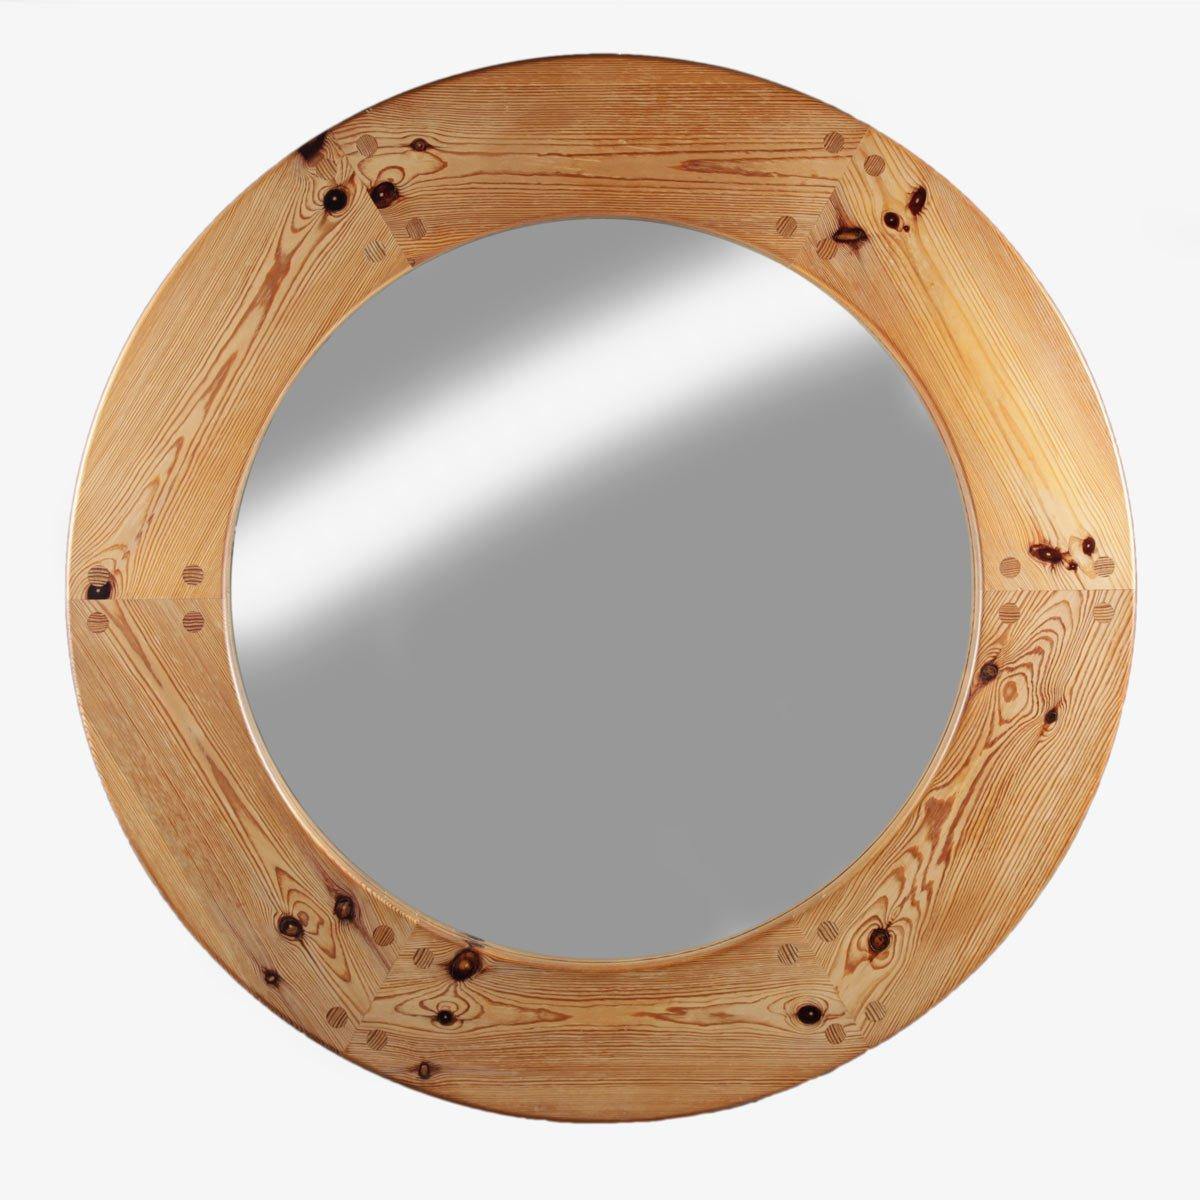 gro er schwedischer spiegel mit rahmen aus kiefernholz 1960er bei pamono kaufen. Black Bedroom Furniture Sets. Home Design Ideas